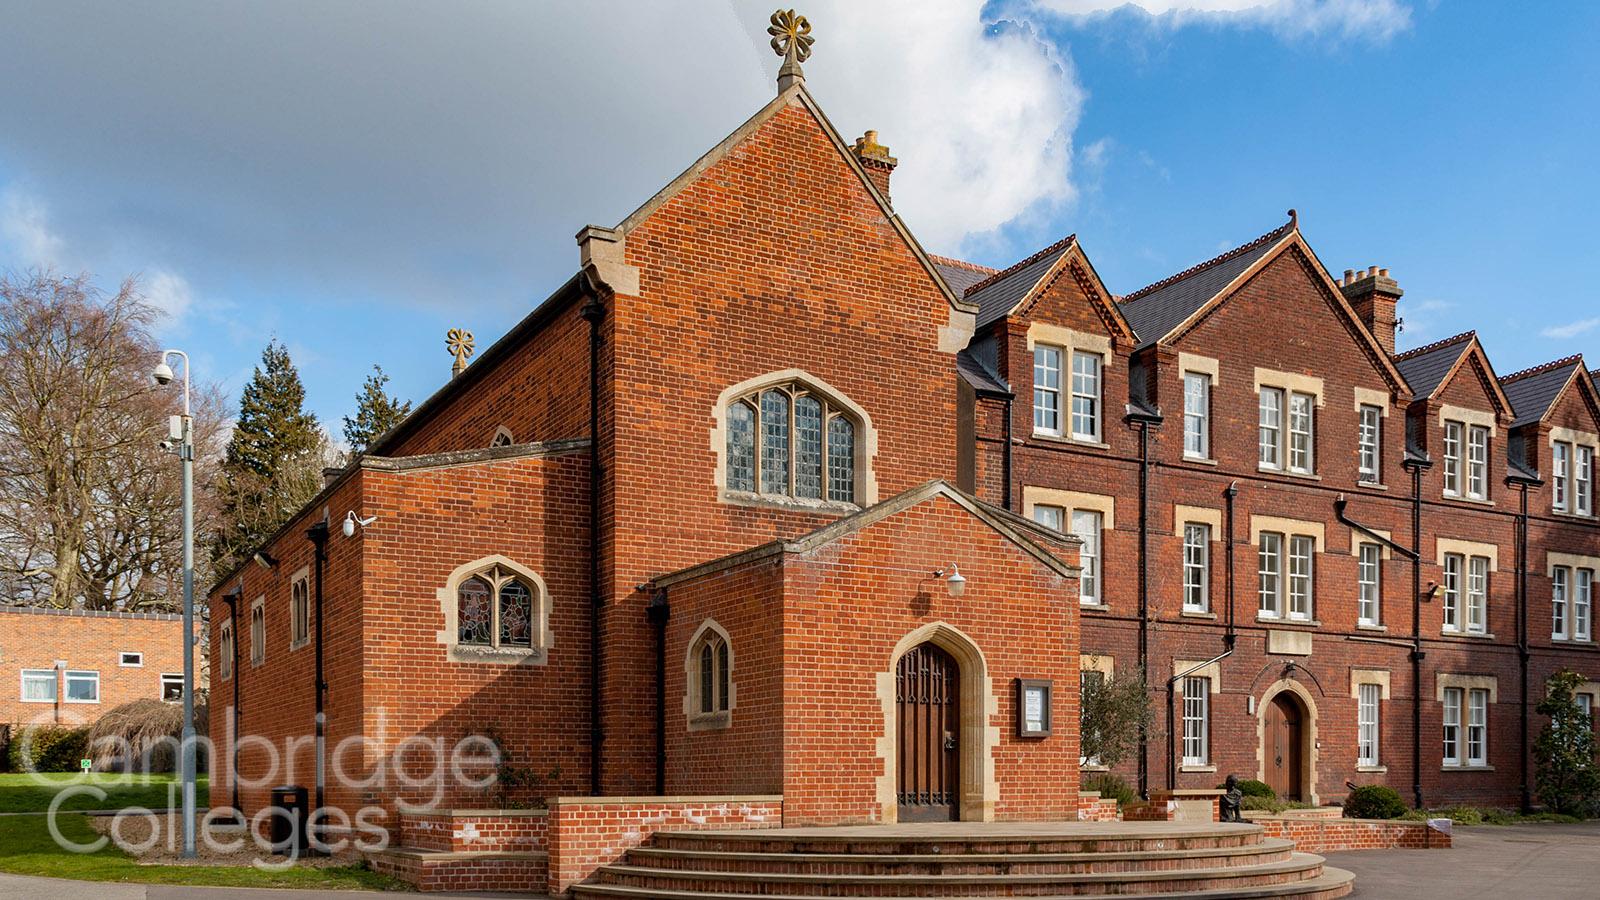 St Edmund's college chapel